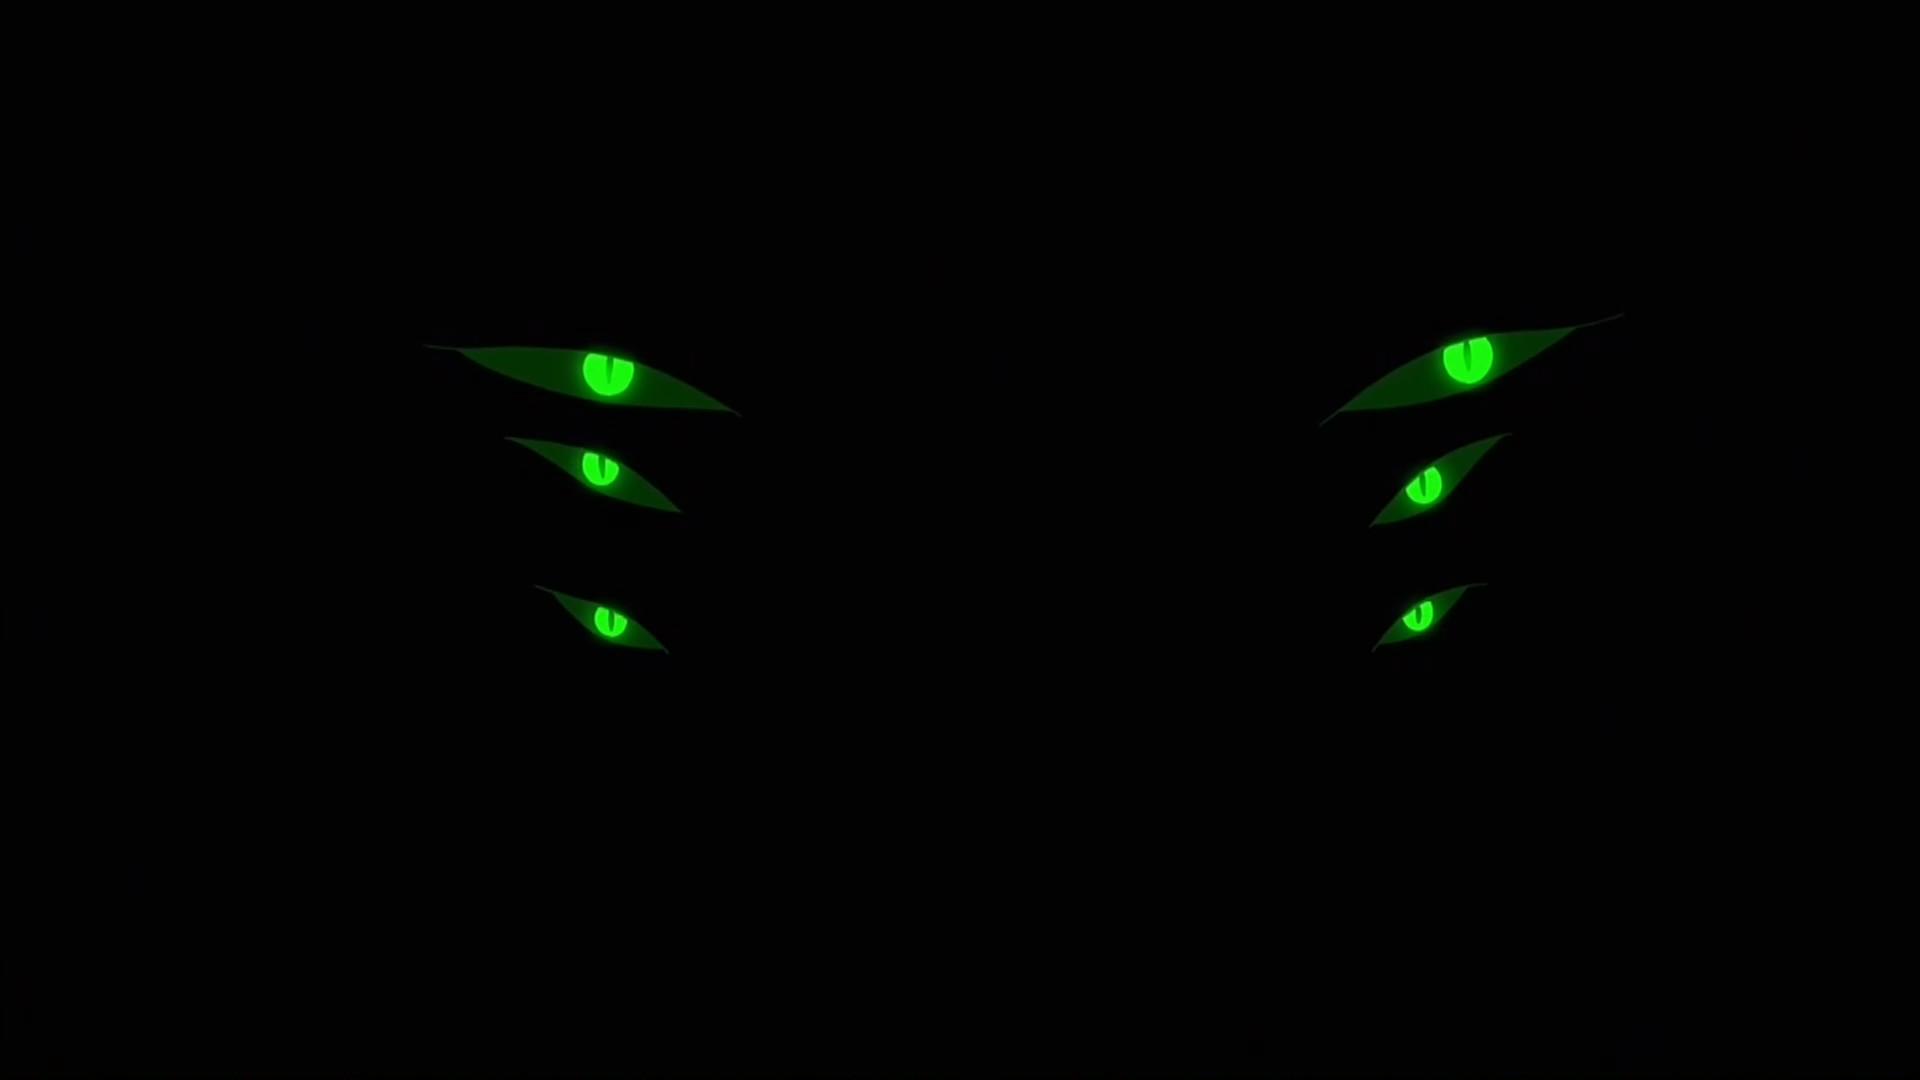 Evil Eye Wallpaper (51+ images)